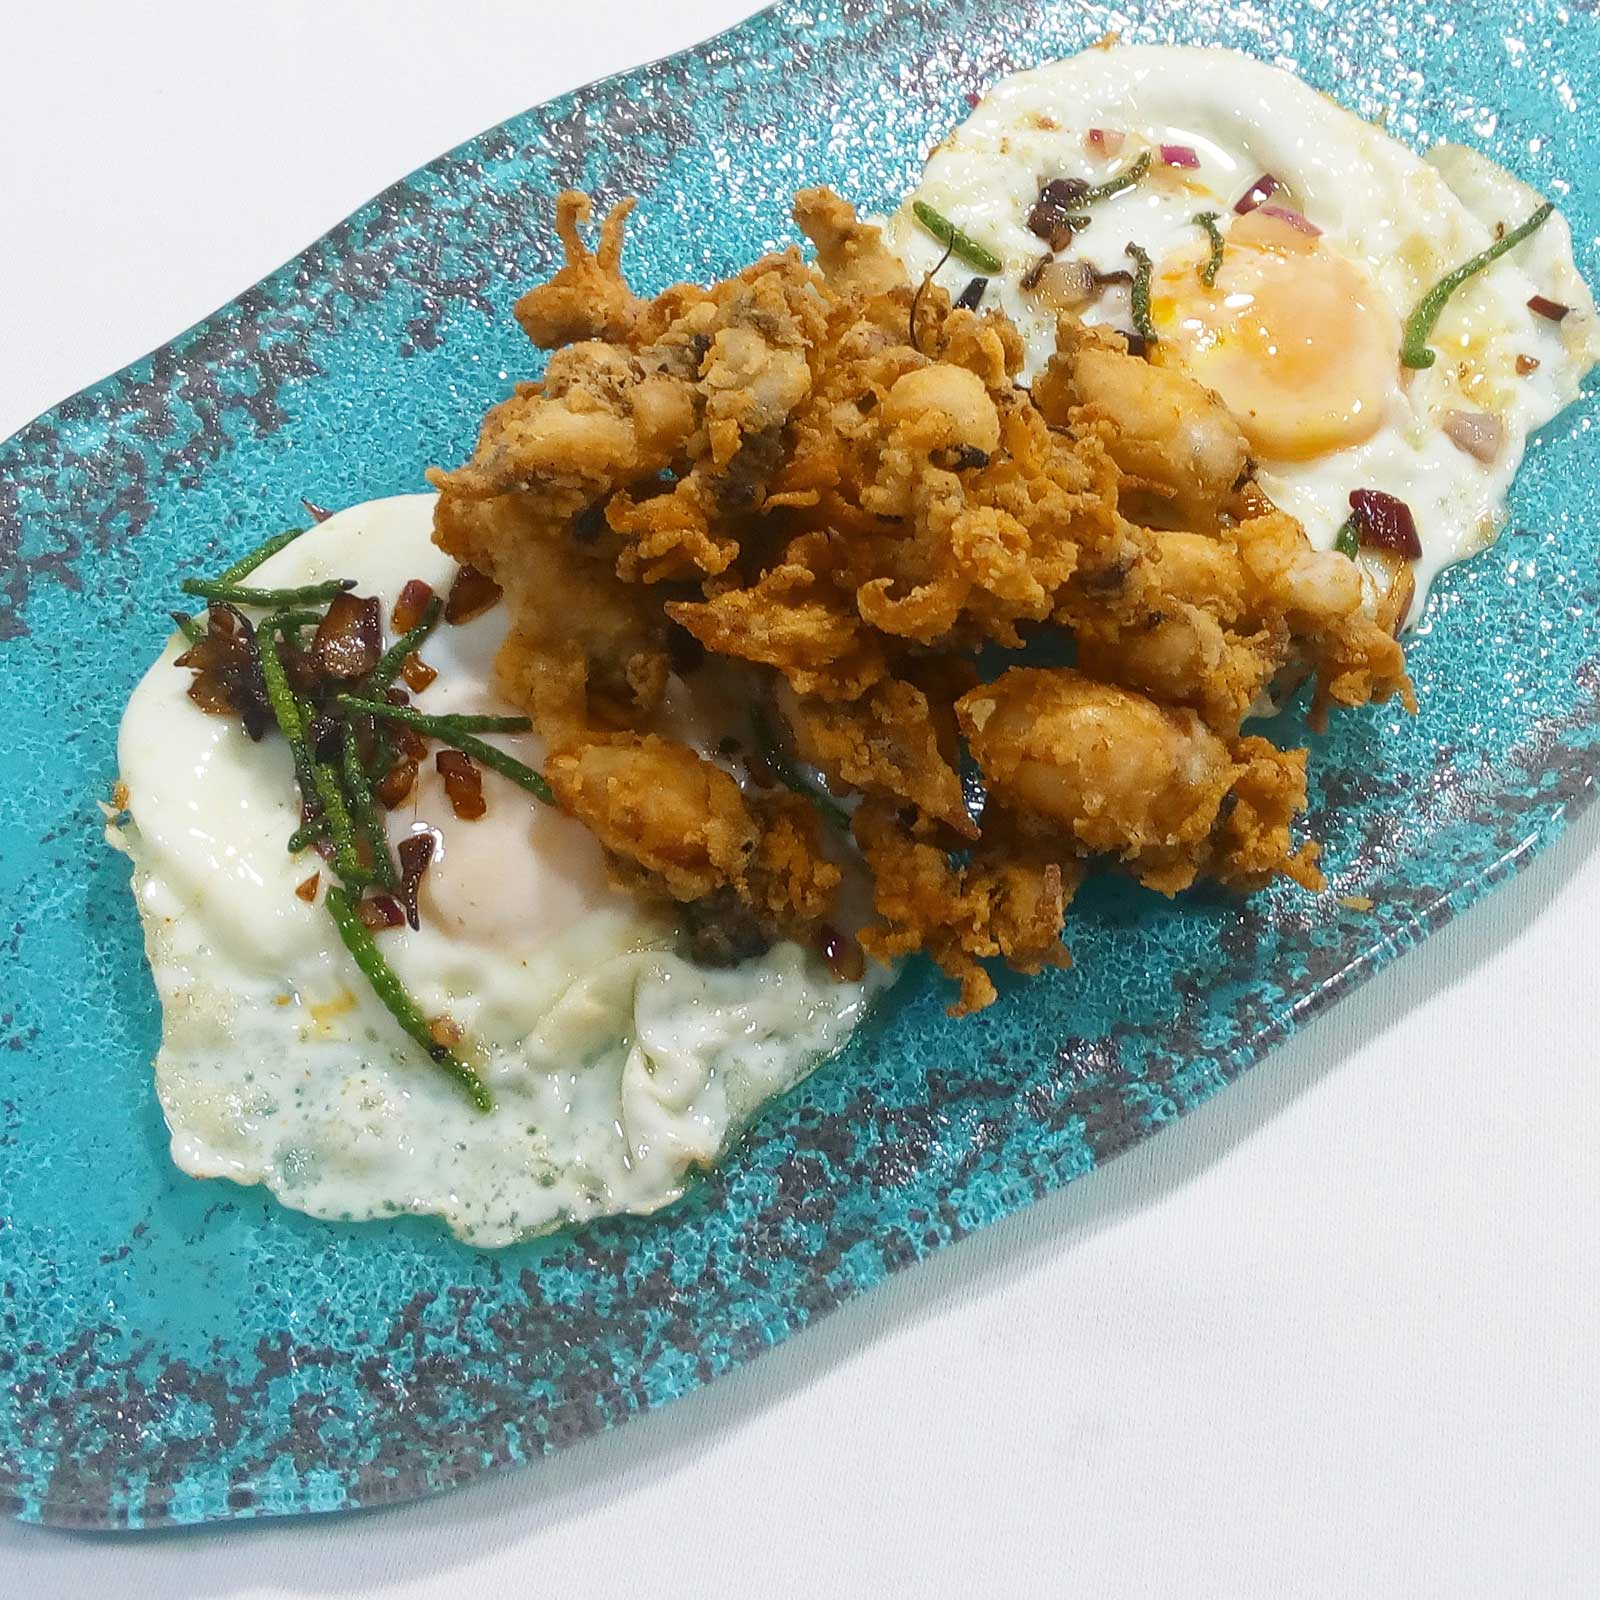 Huevos camperos con espárragos, jamón y puntillitas - Restaurante Balandro fritas